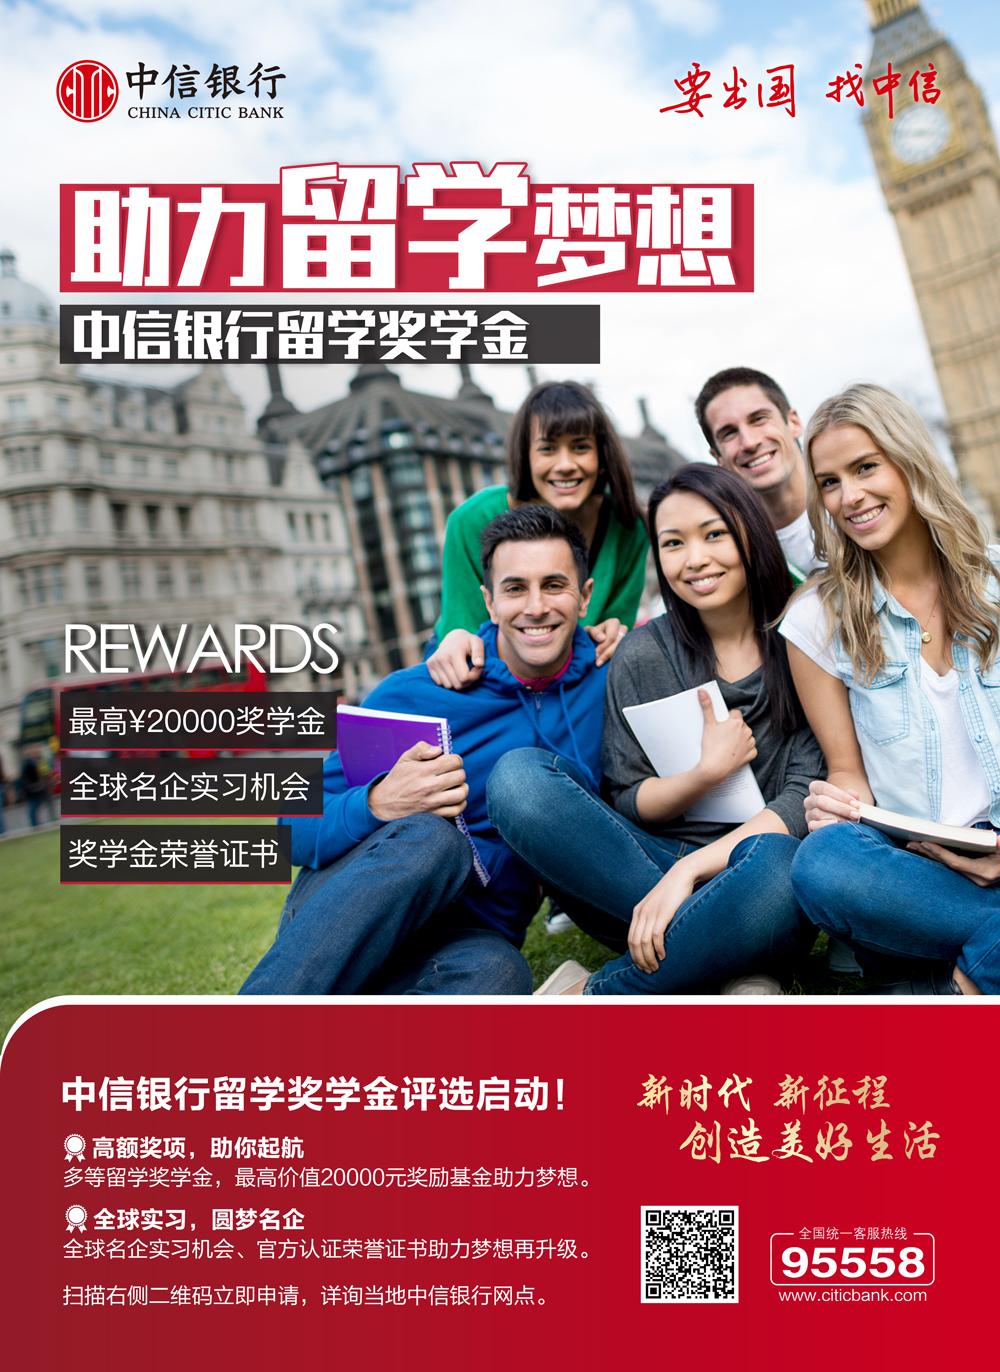 中信银行出国金融20年南京分行出国金融首席专家与你分享留学的四大阶段